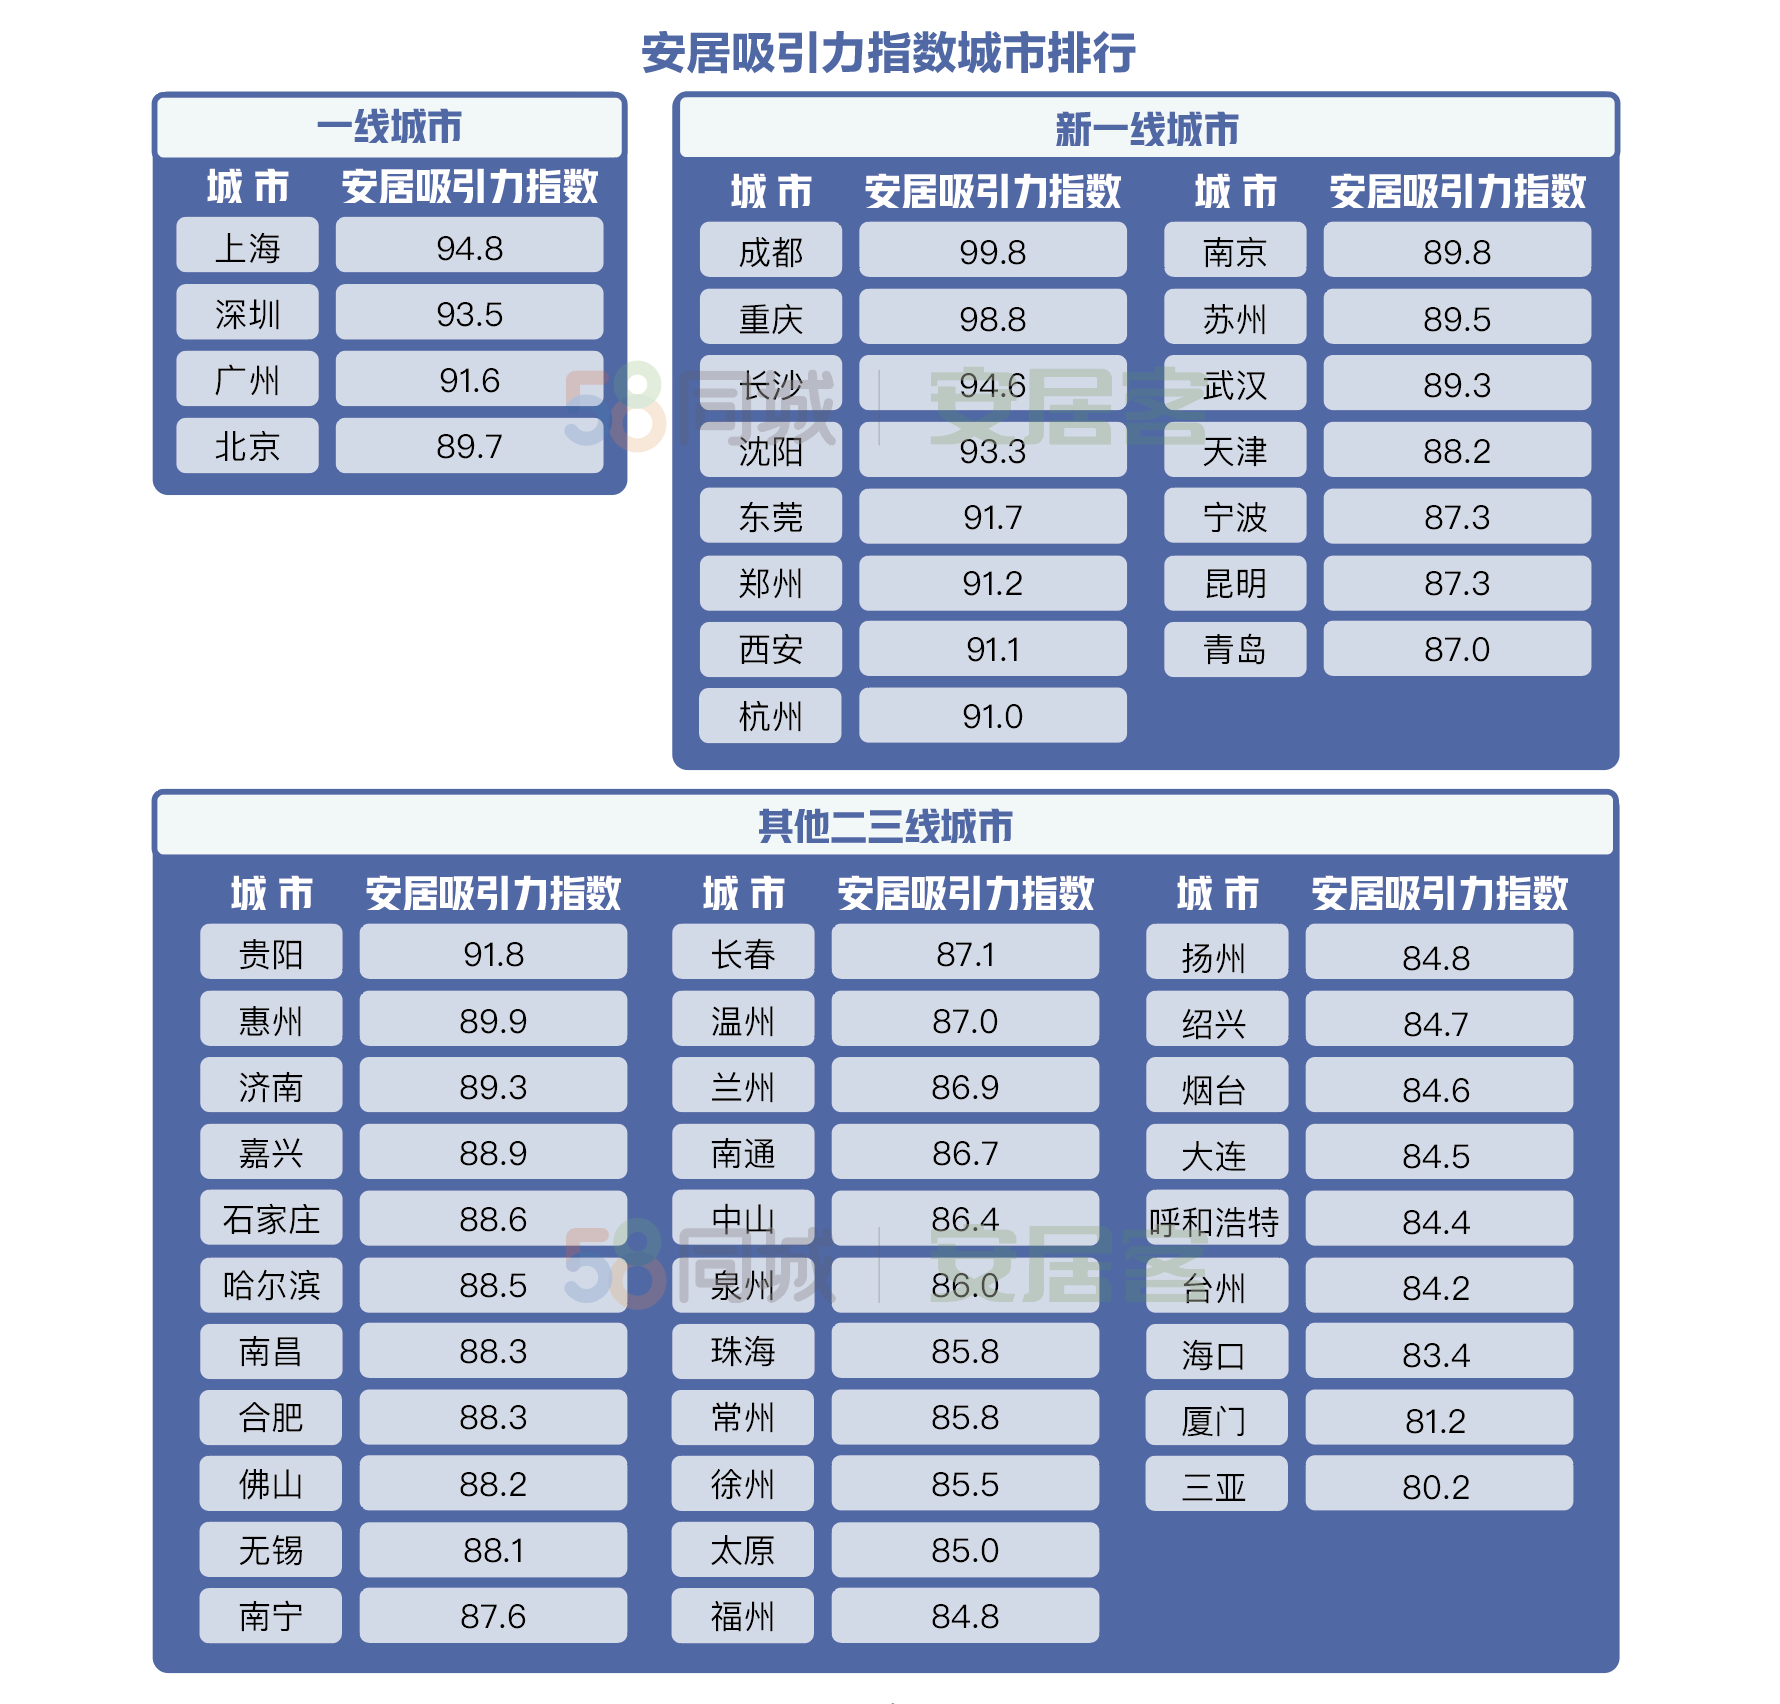 城市安居吸引力谁最强?成都、重庆、上海排前三